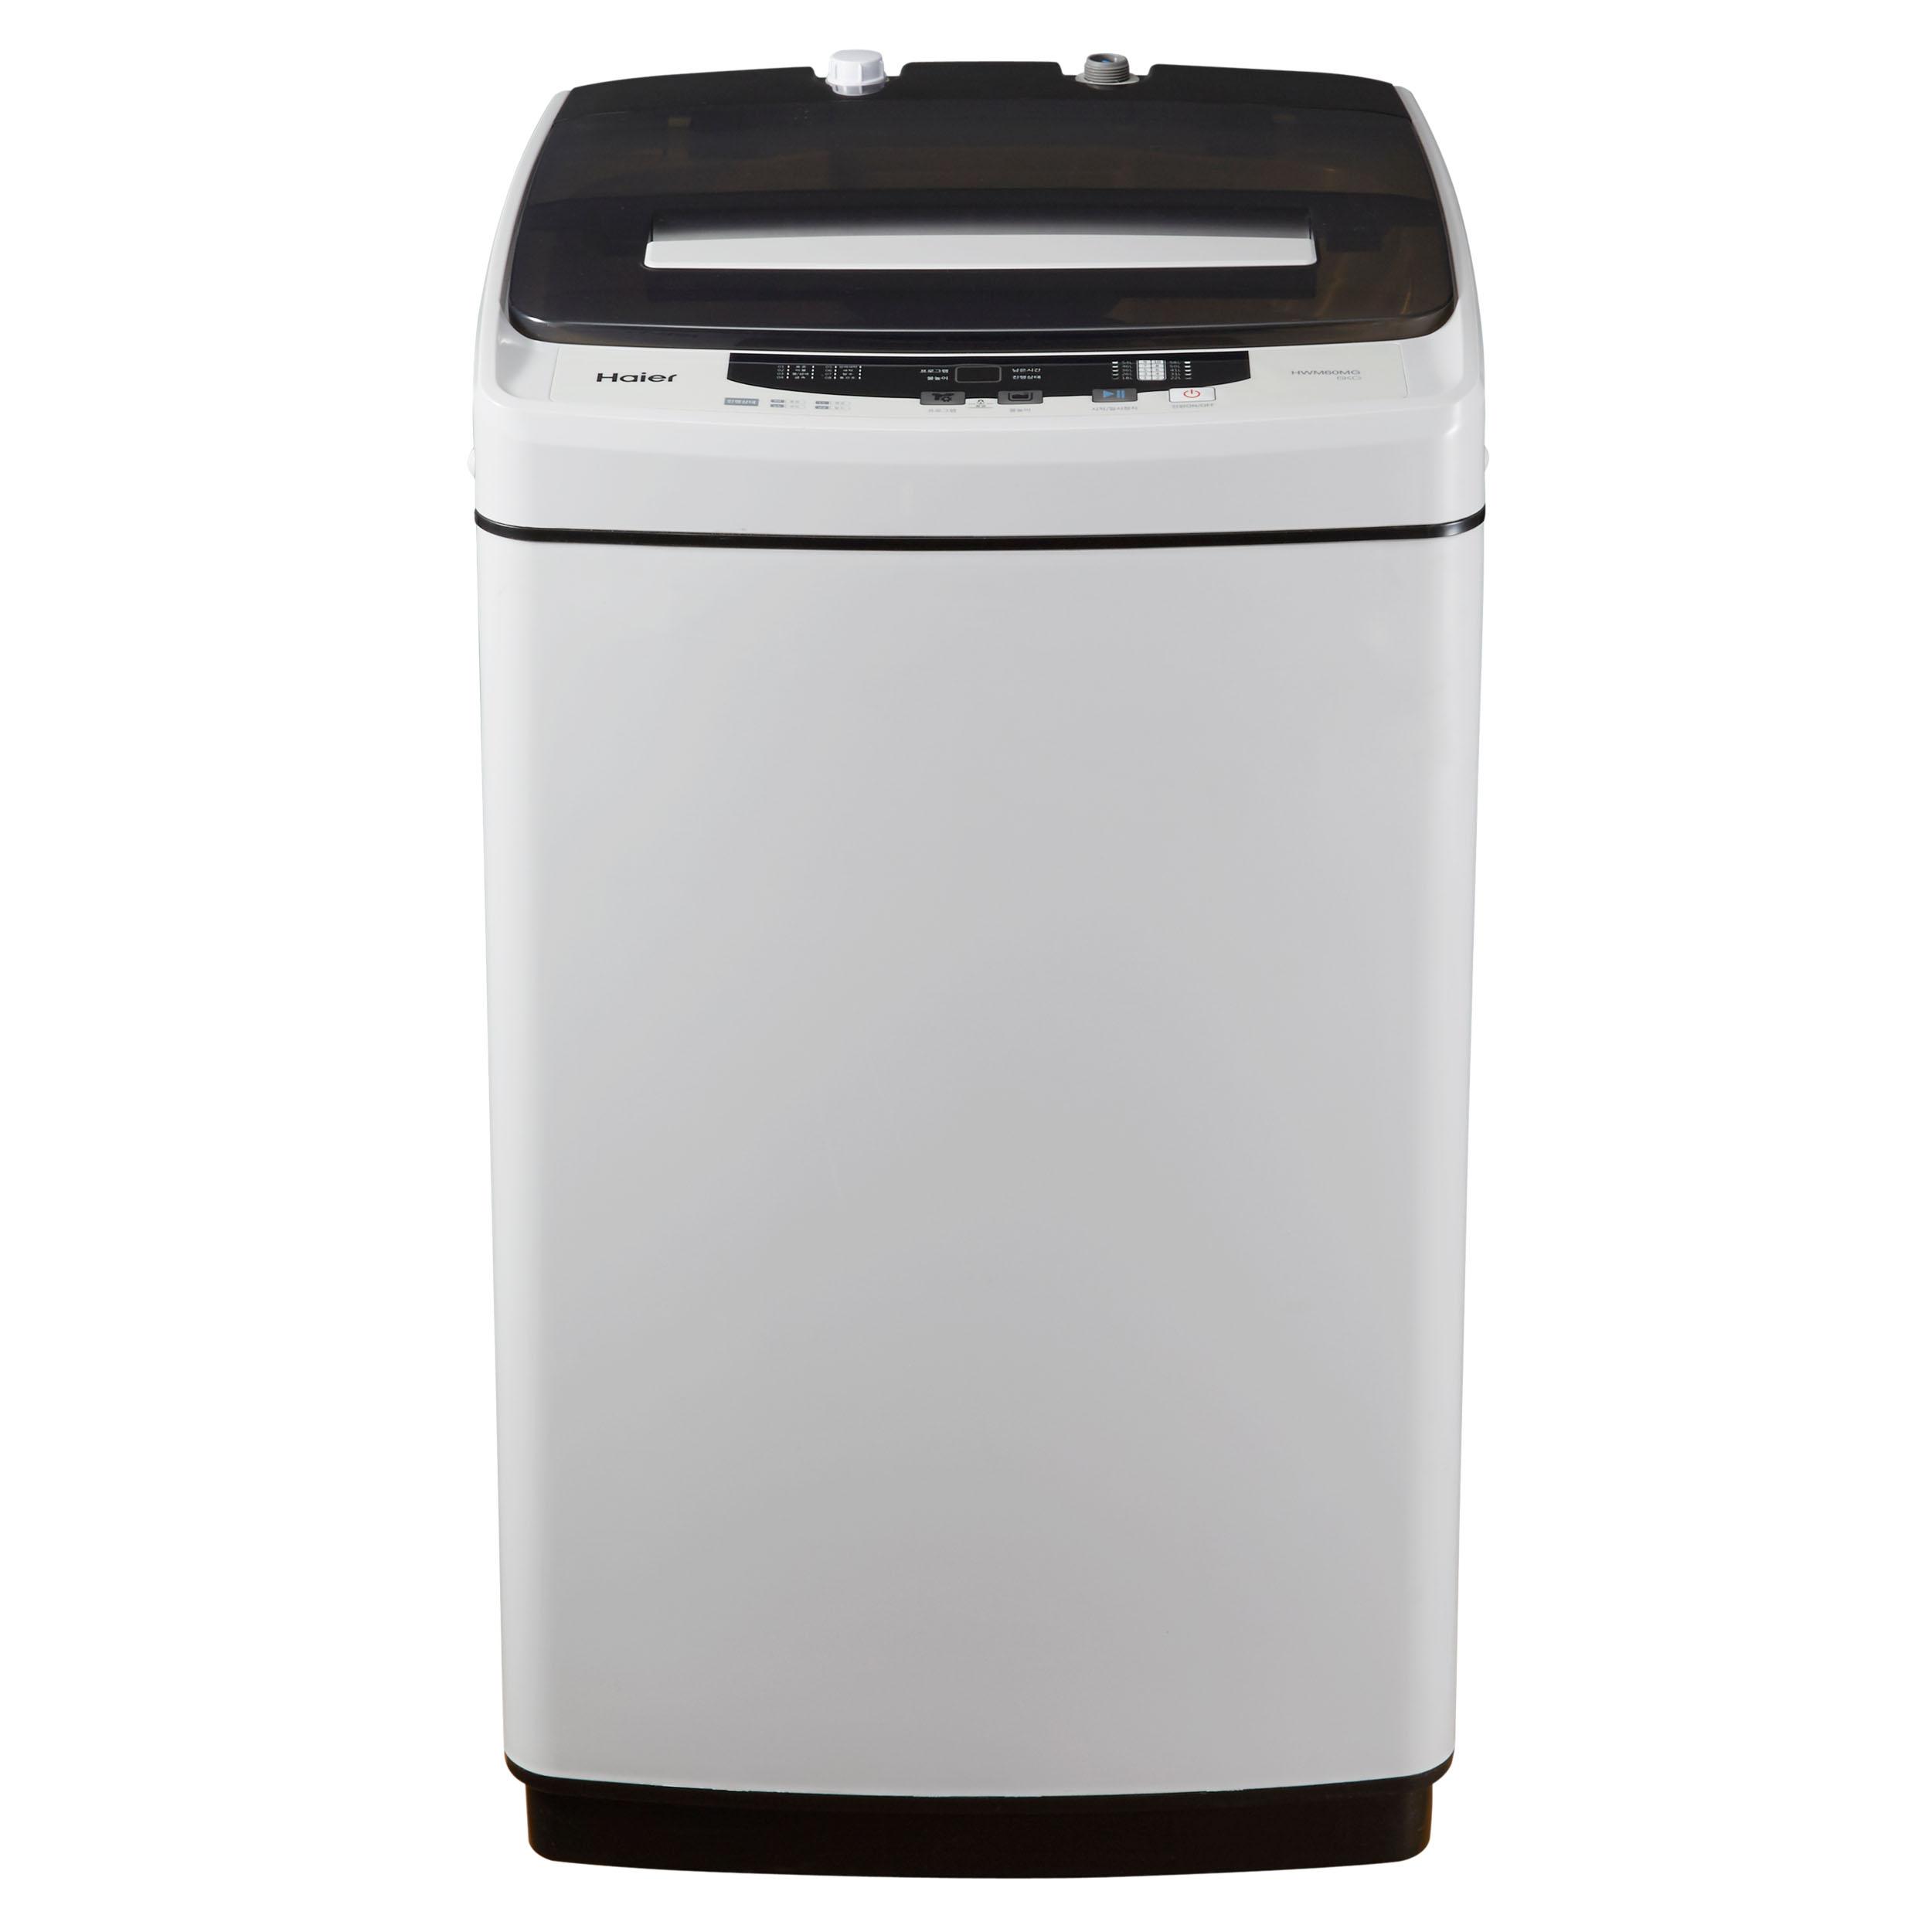 하이얼 소형 통돌이 세탁기 6kg 방문설치, HW60G(라이트 그레이)